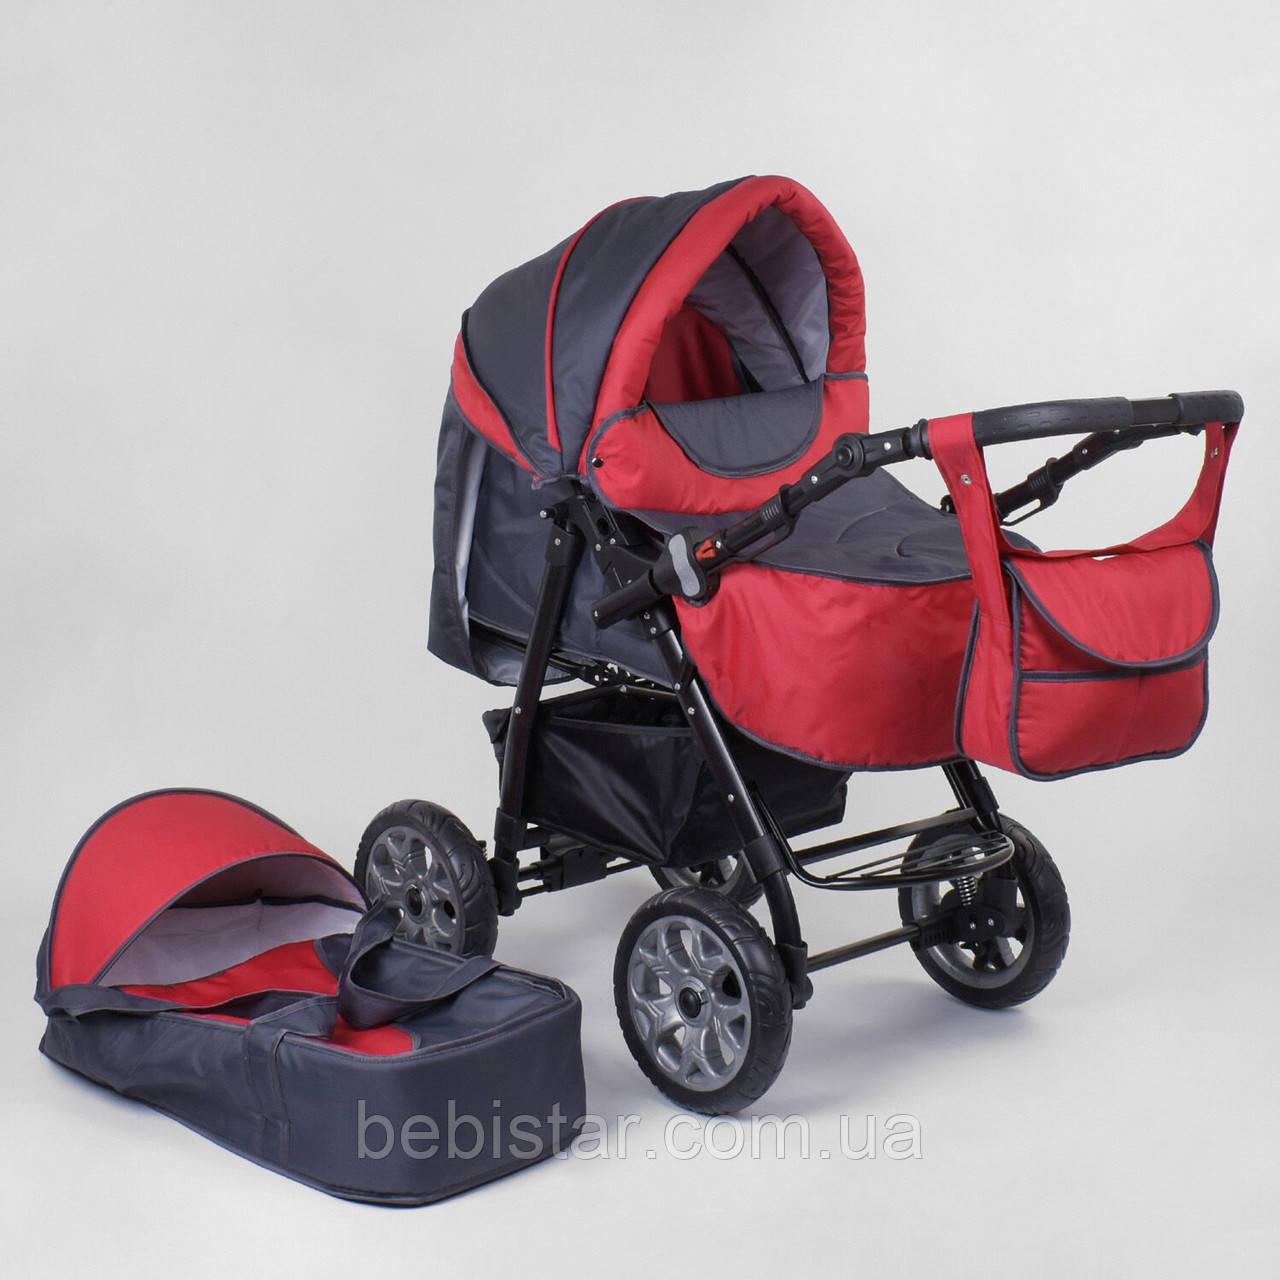 Детская коляска-трансформер Viki 86 Karina темно-серая с красным дождевик люлька-переноска для новорожденных